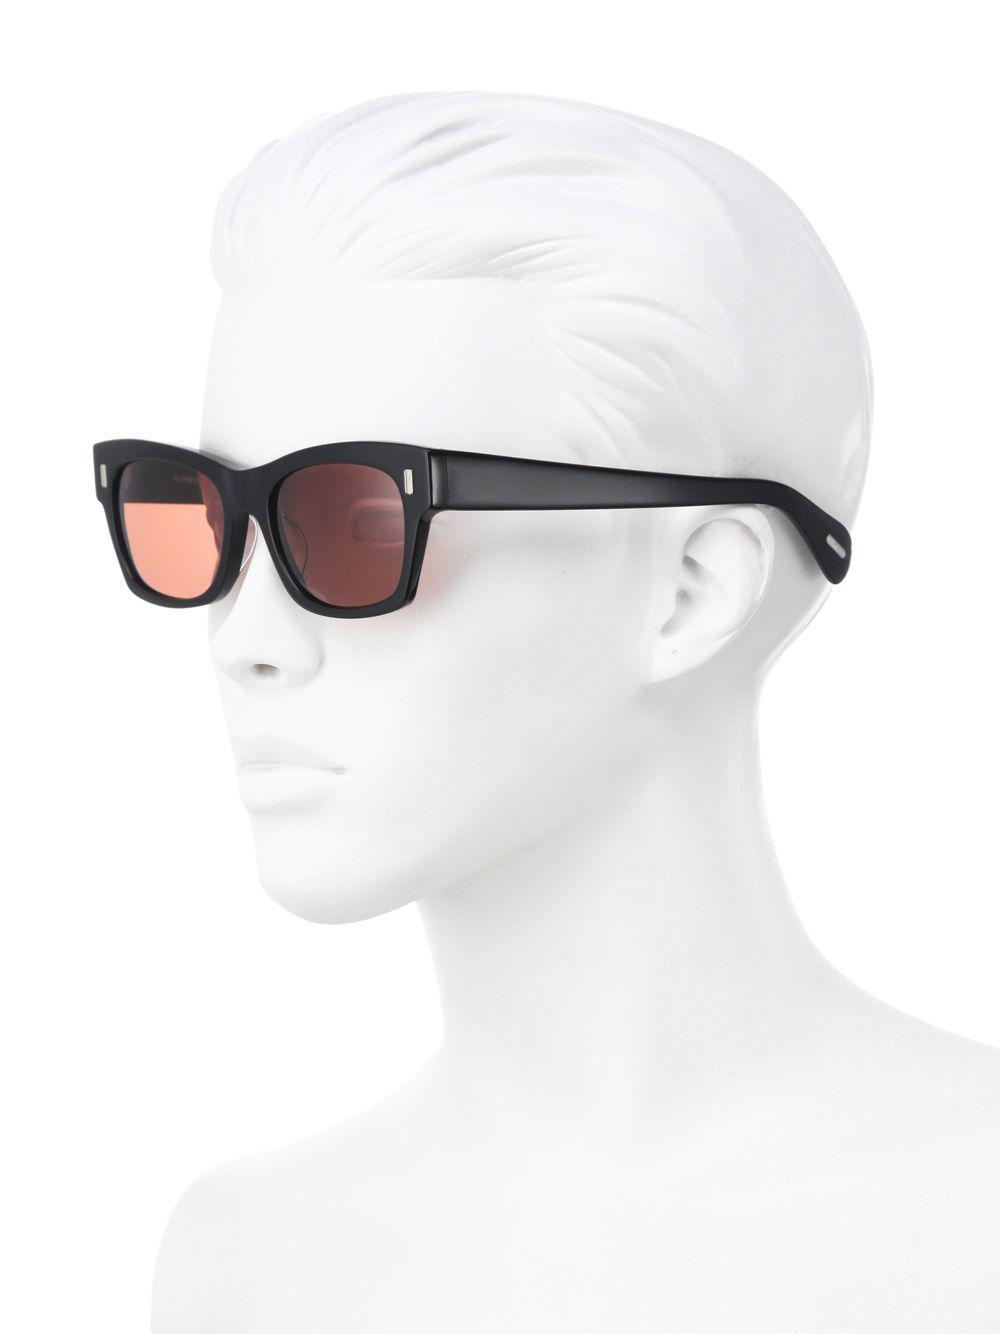 2fb8743af76 Lyst - Oliver Peoples 71st Street 51mm Square Sunglasses in Black ...